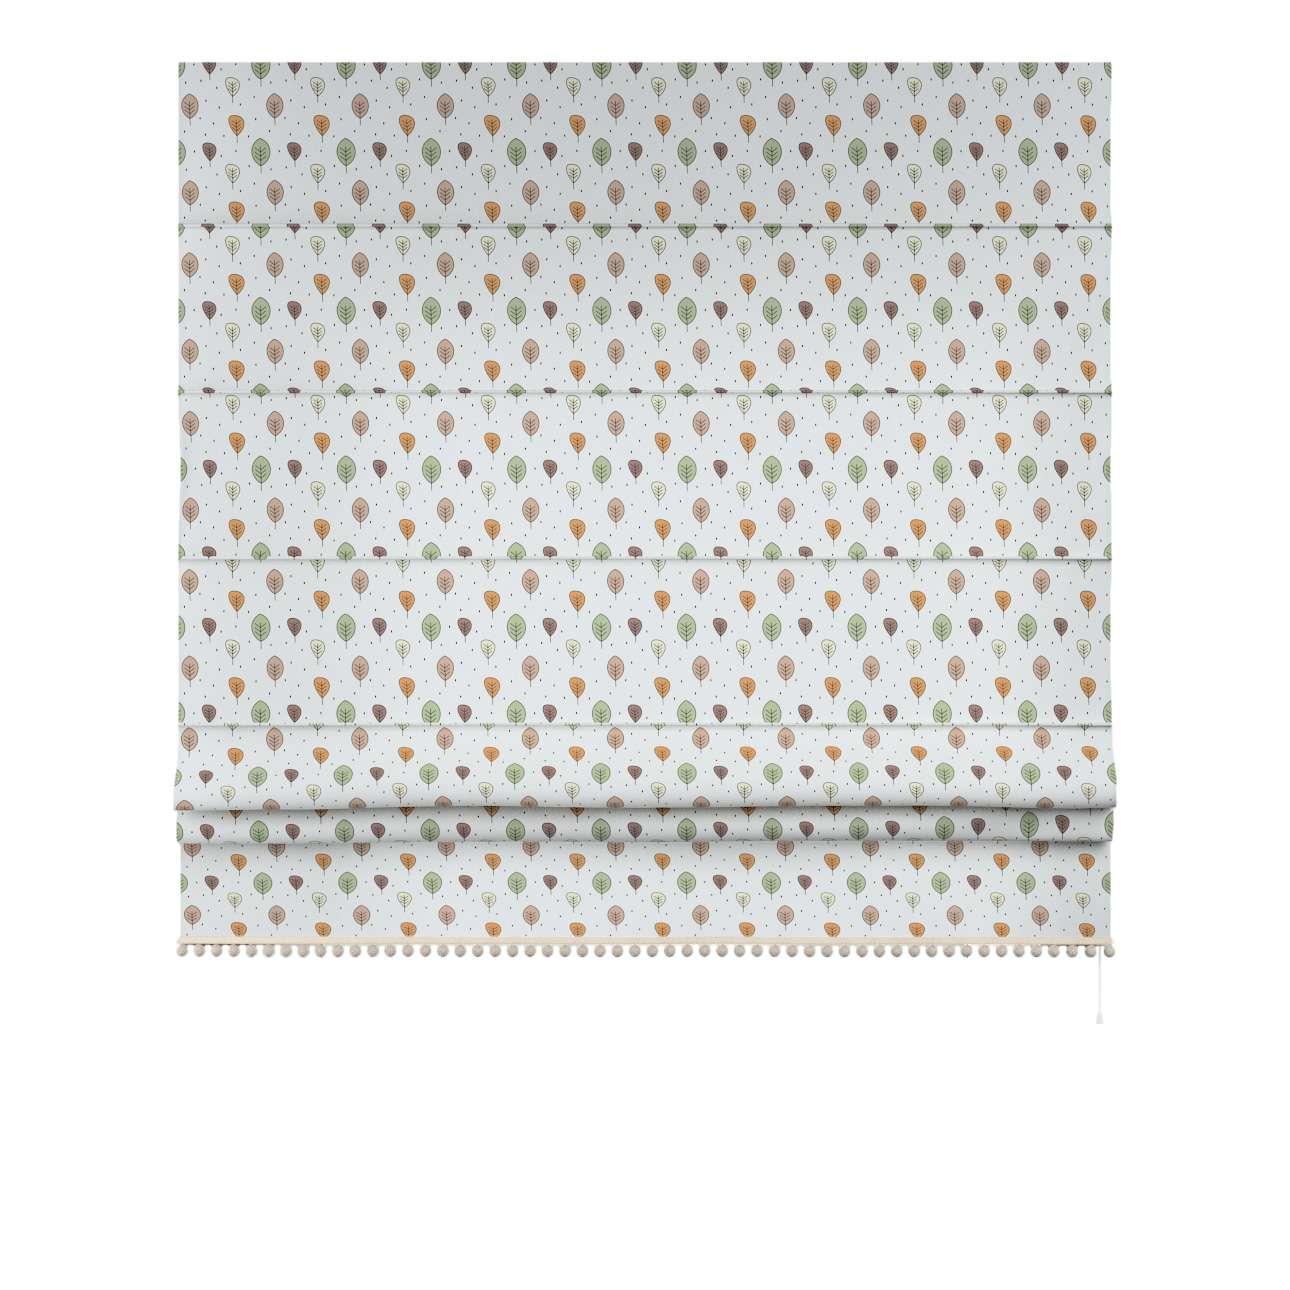 Raffrollo mit Bommeln von der Kollektion Magic Collection, Stoff: 500-09